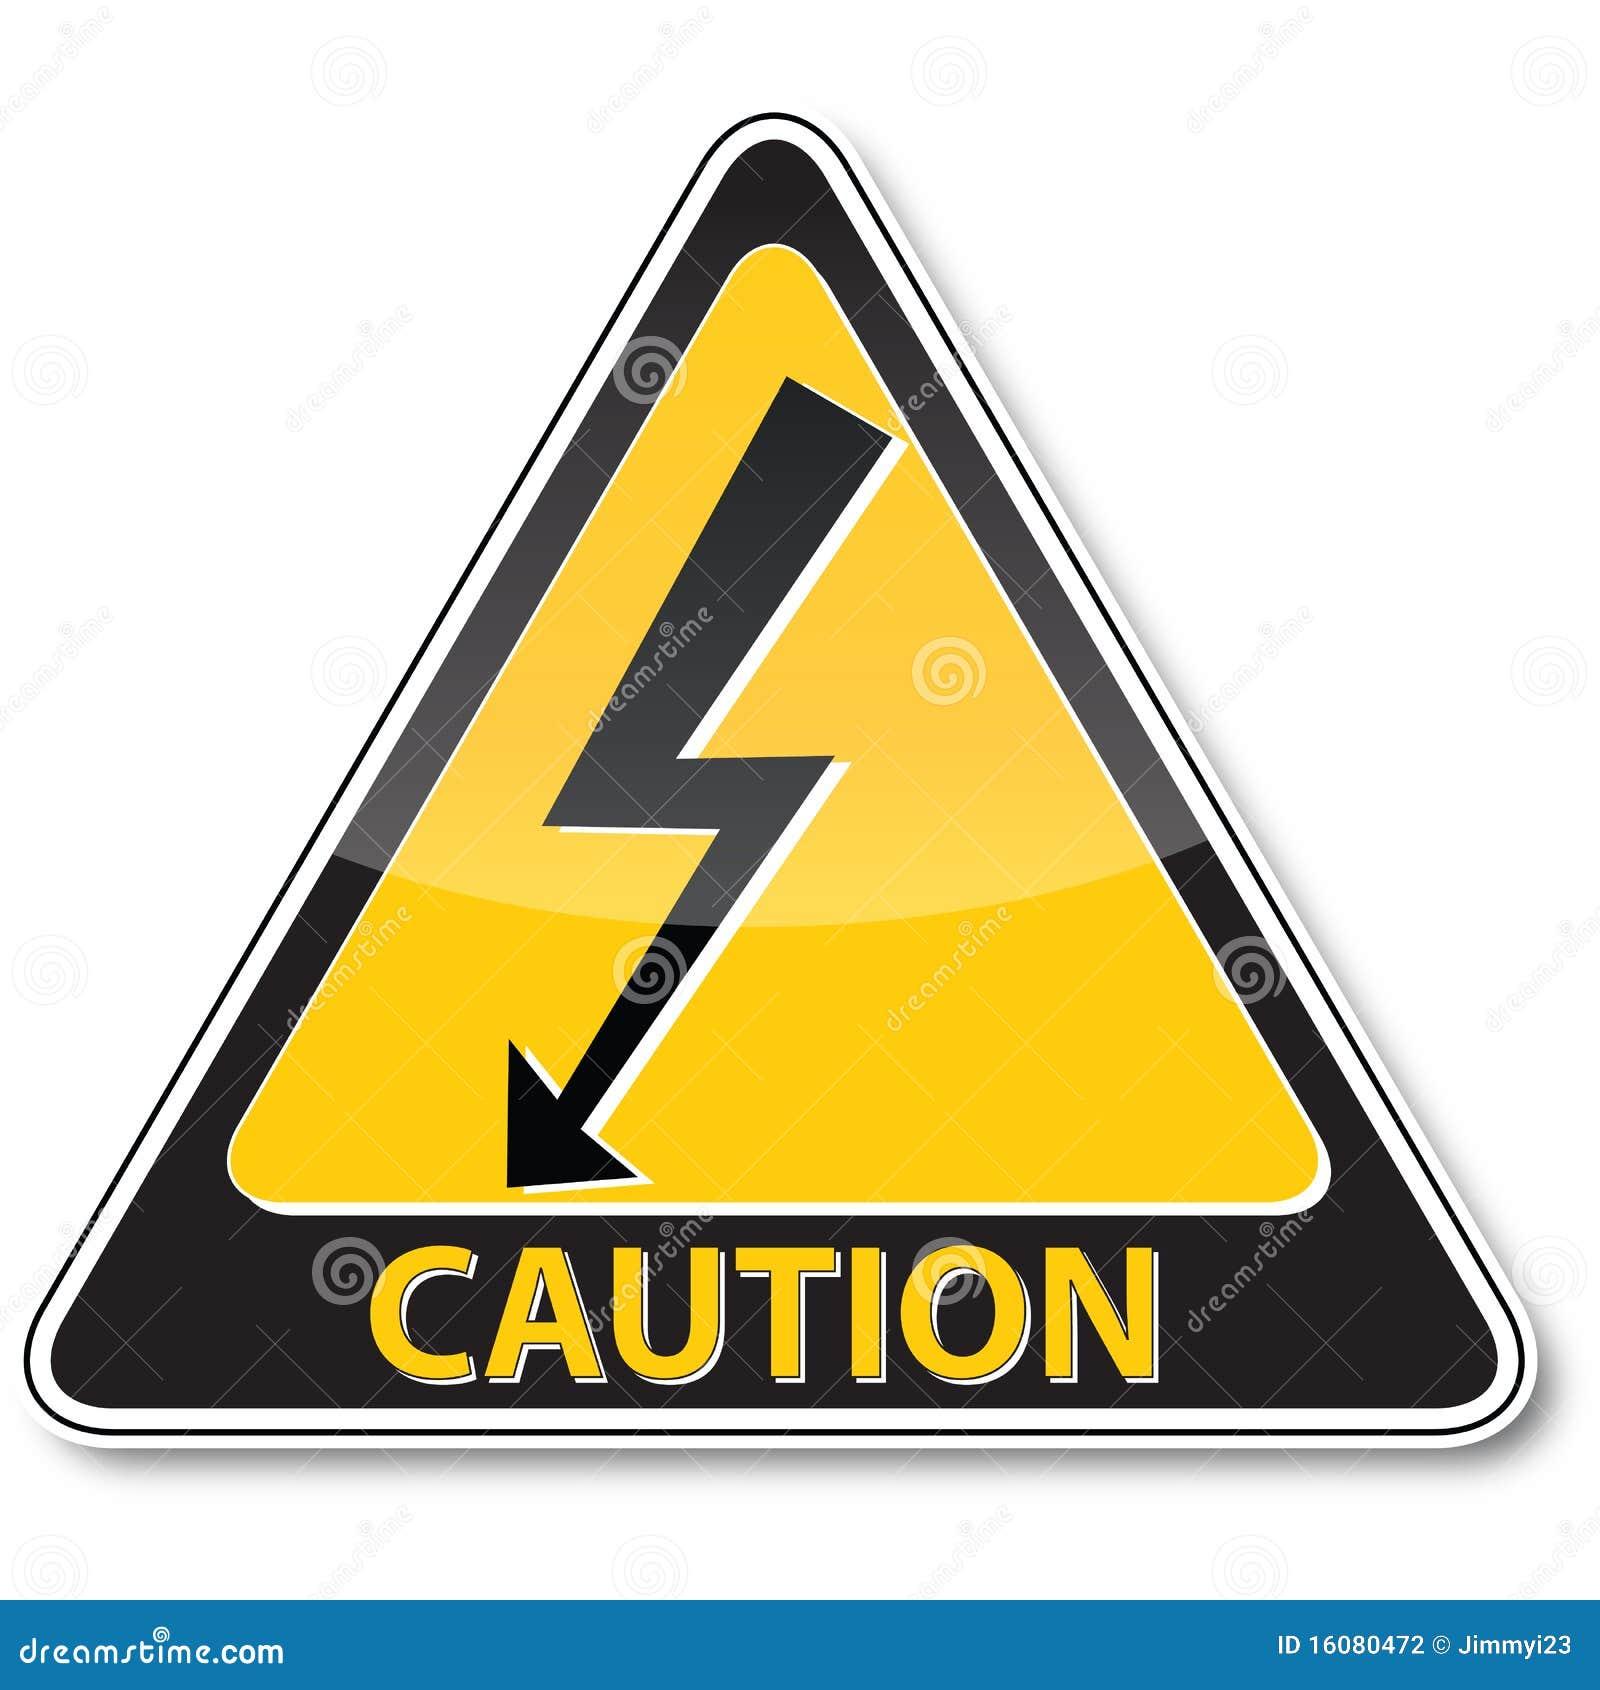 Danger electric shock risk sign stock vector illustration of danger electric shock risk sign buycottarizona Images